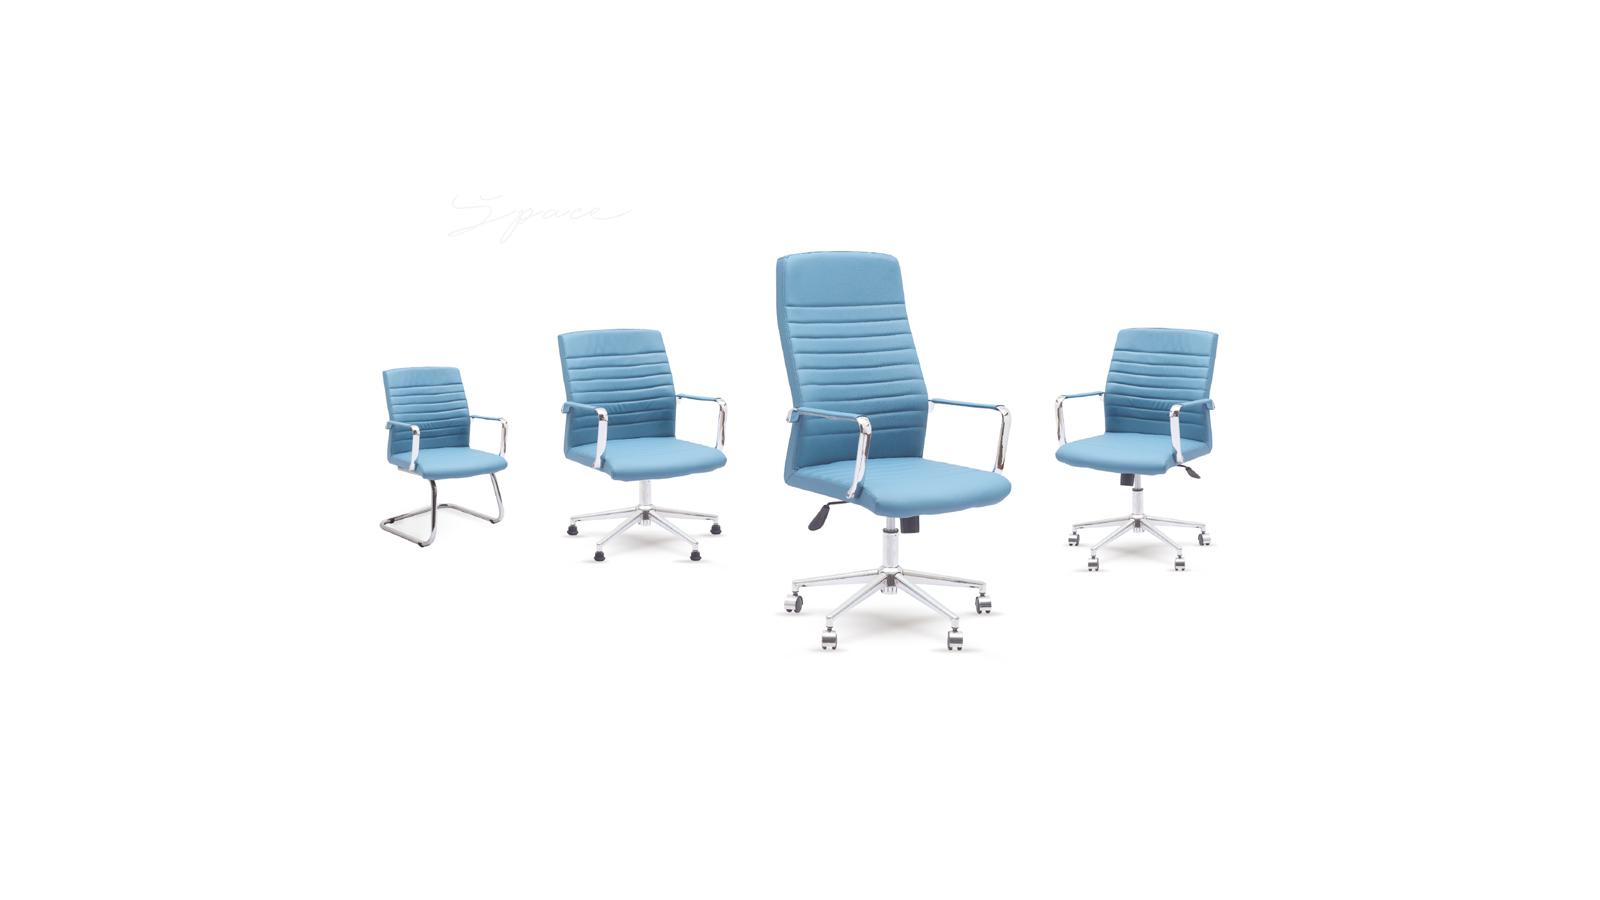 Space Müdür Sandalyeleri